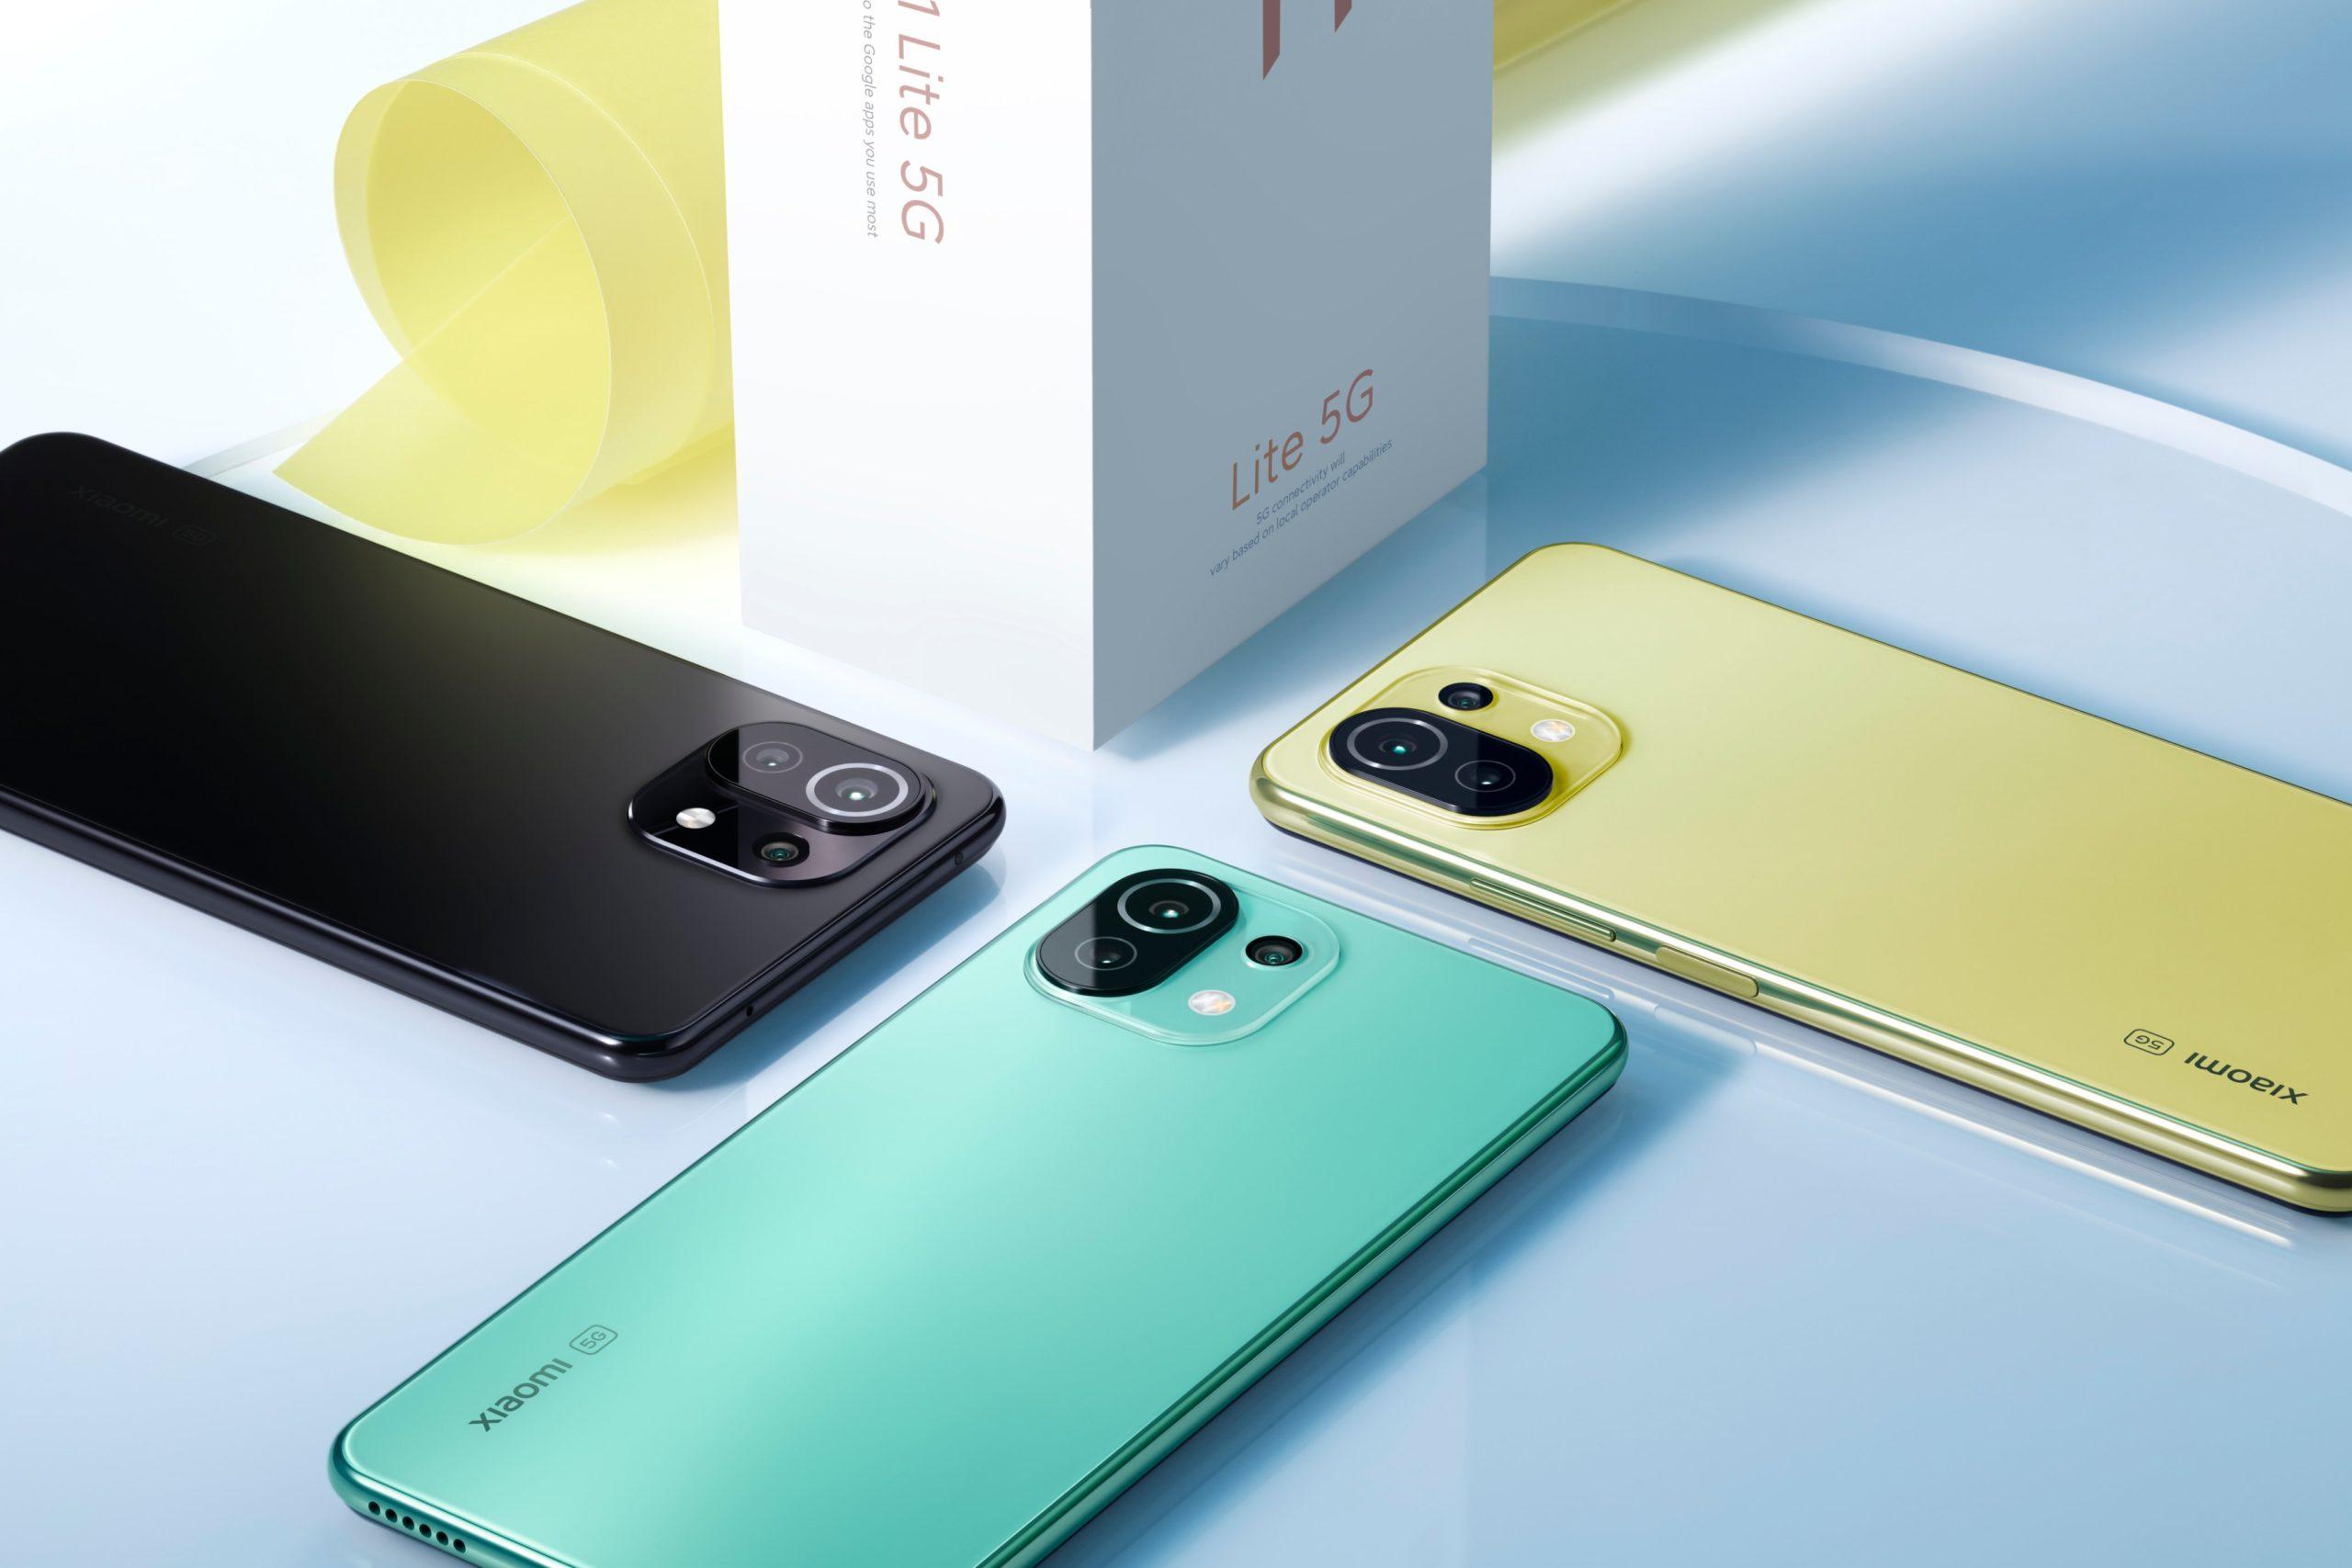 Недорогие смартфоны со стереодинамиками 2021